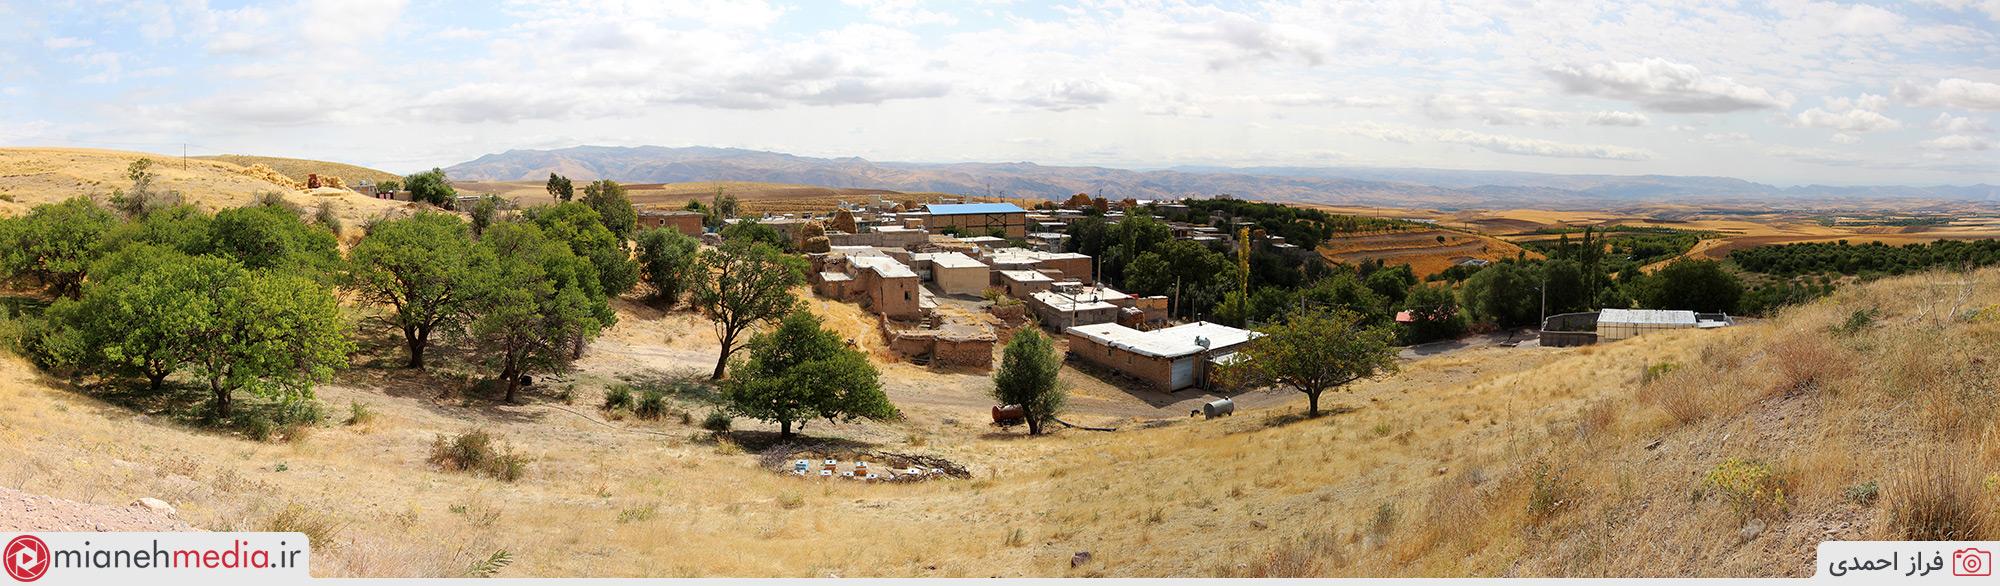 روستای زرنکش